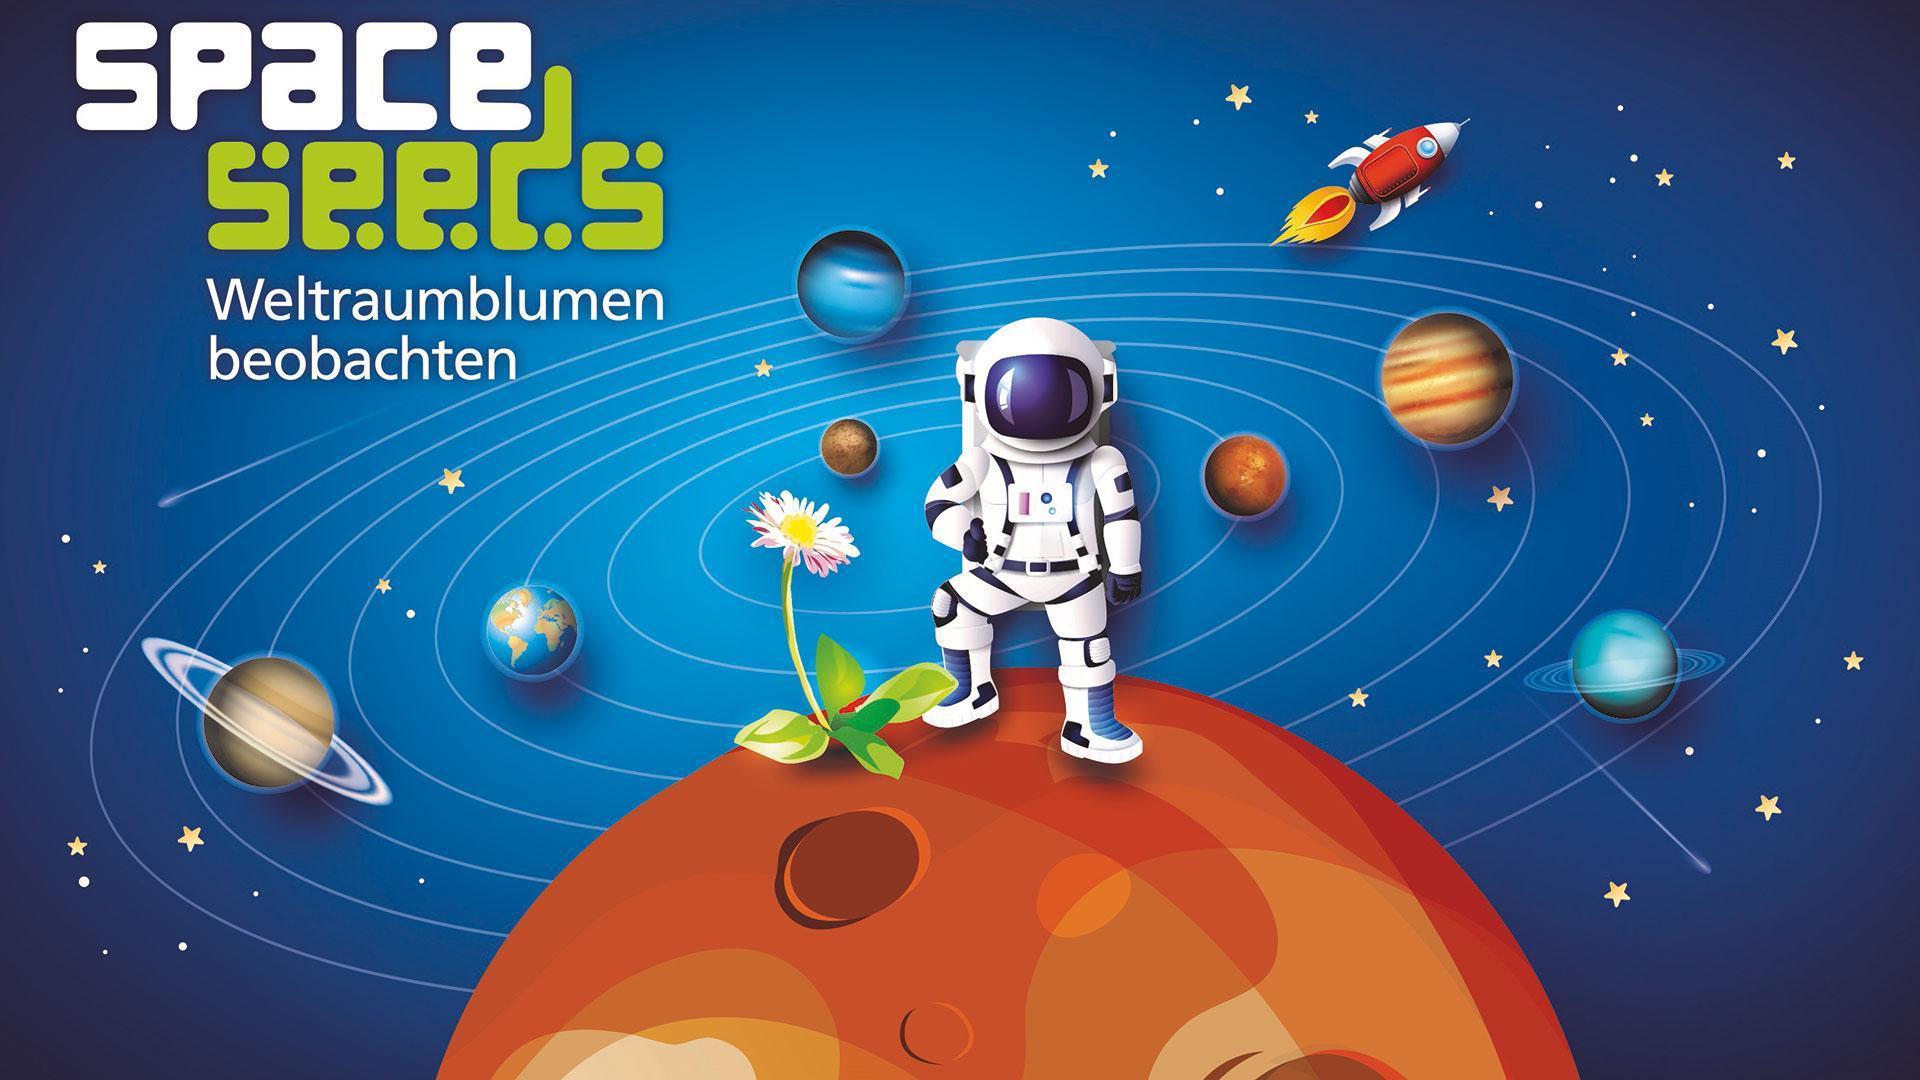 """Nationale Grundschulaktion """"Space Seeds II - Weltraumblumen beobachten"""""""